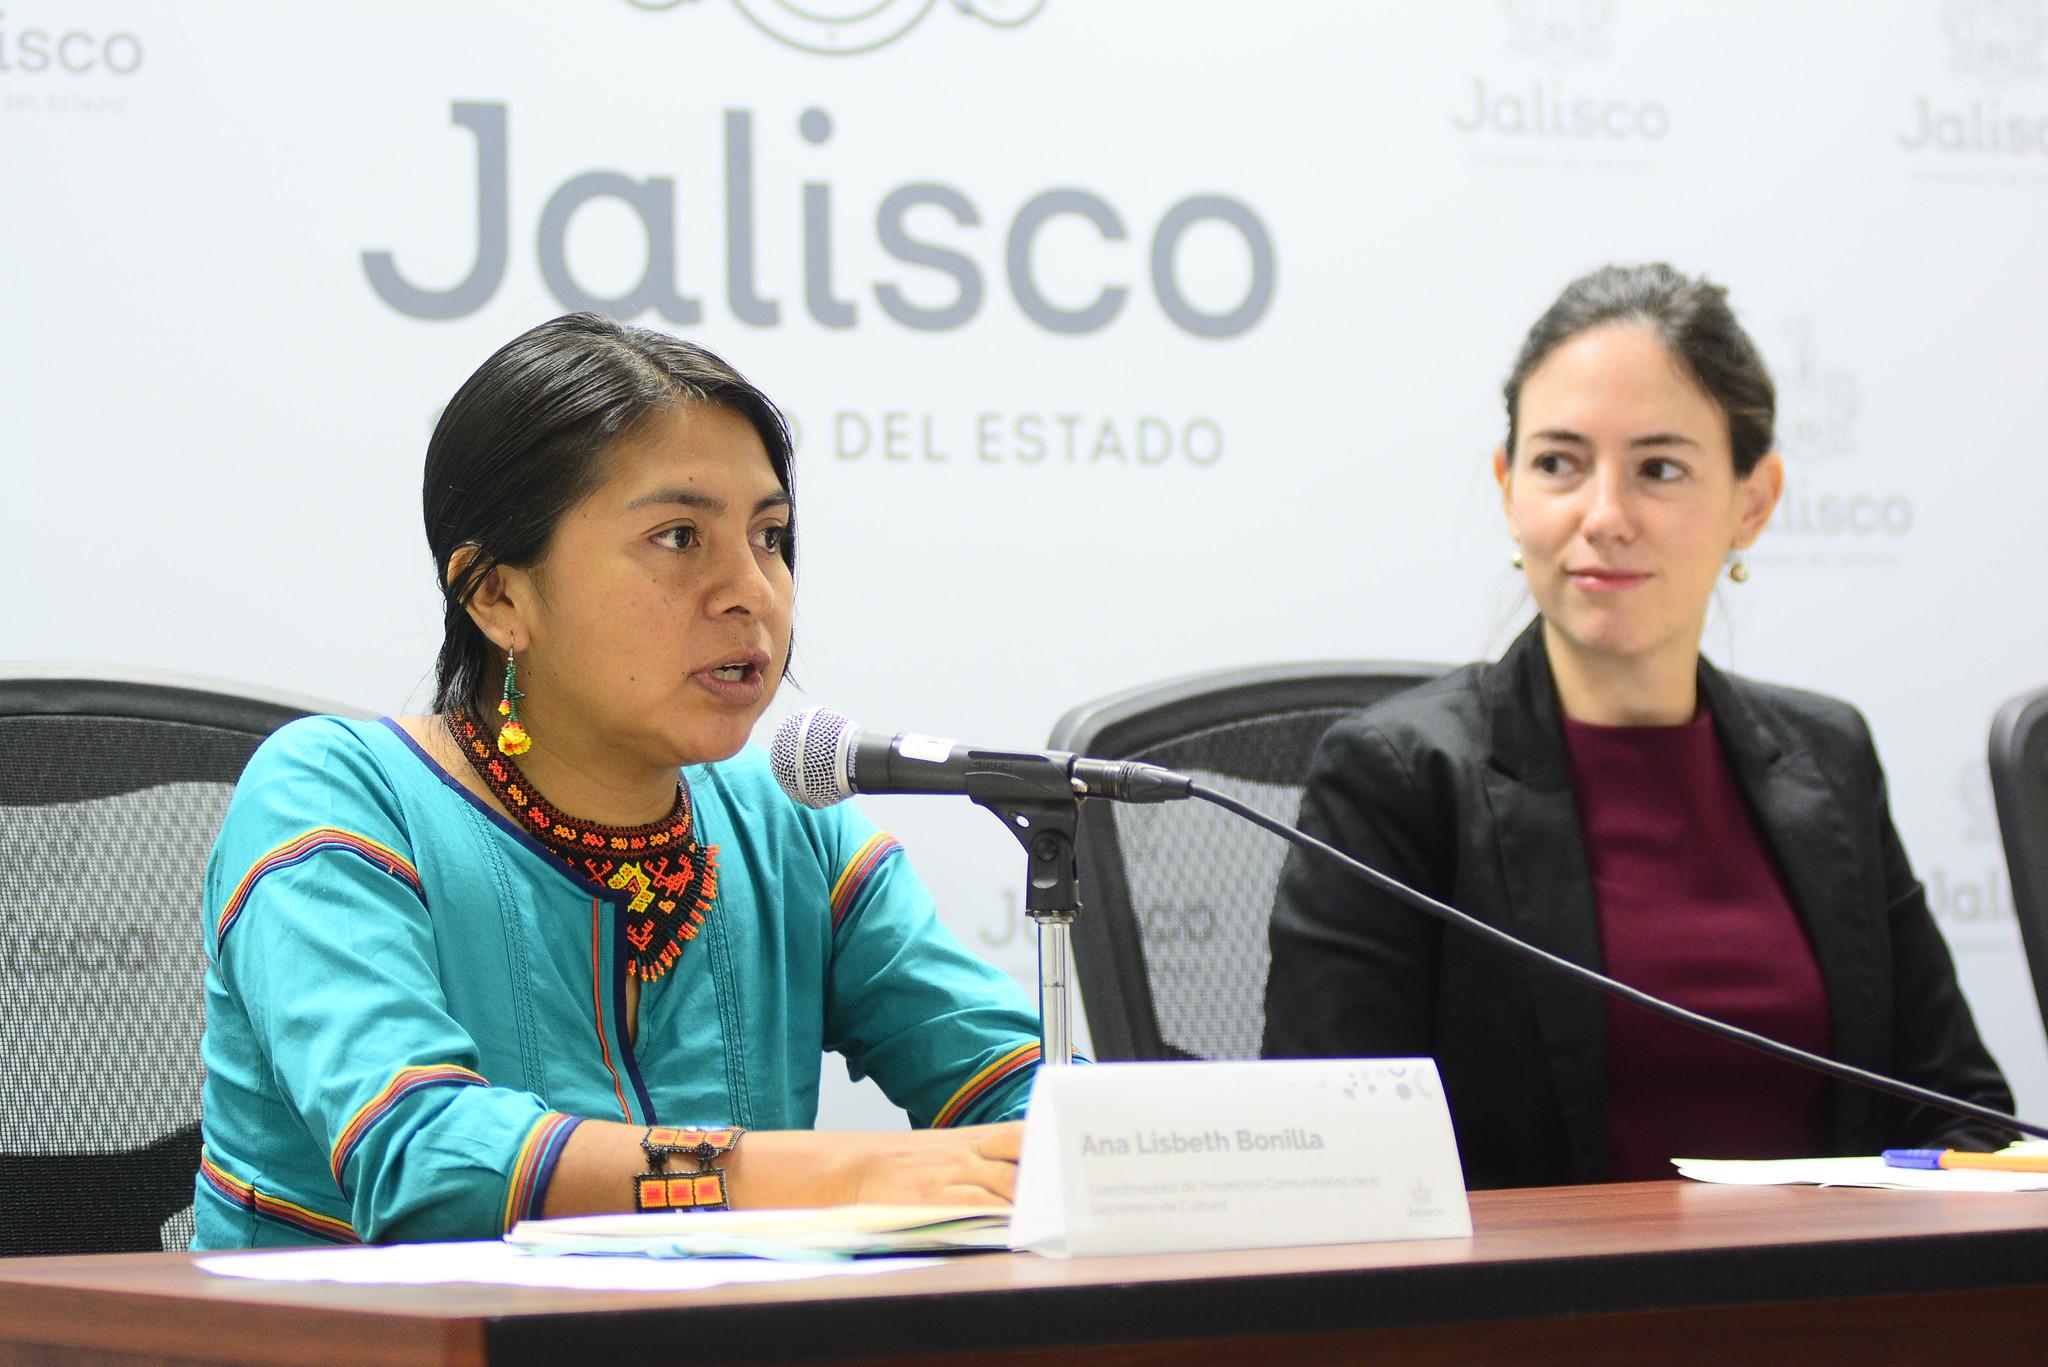 Secretaría de Cultura presenta exposición interactiva sobre la lengua wixárika